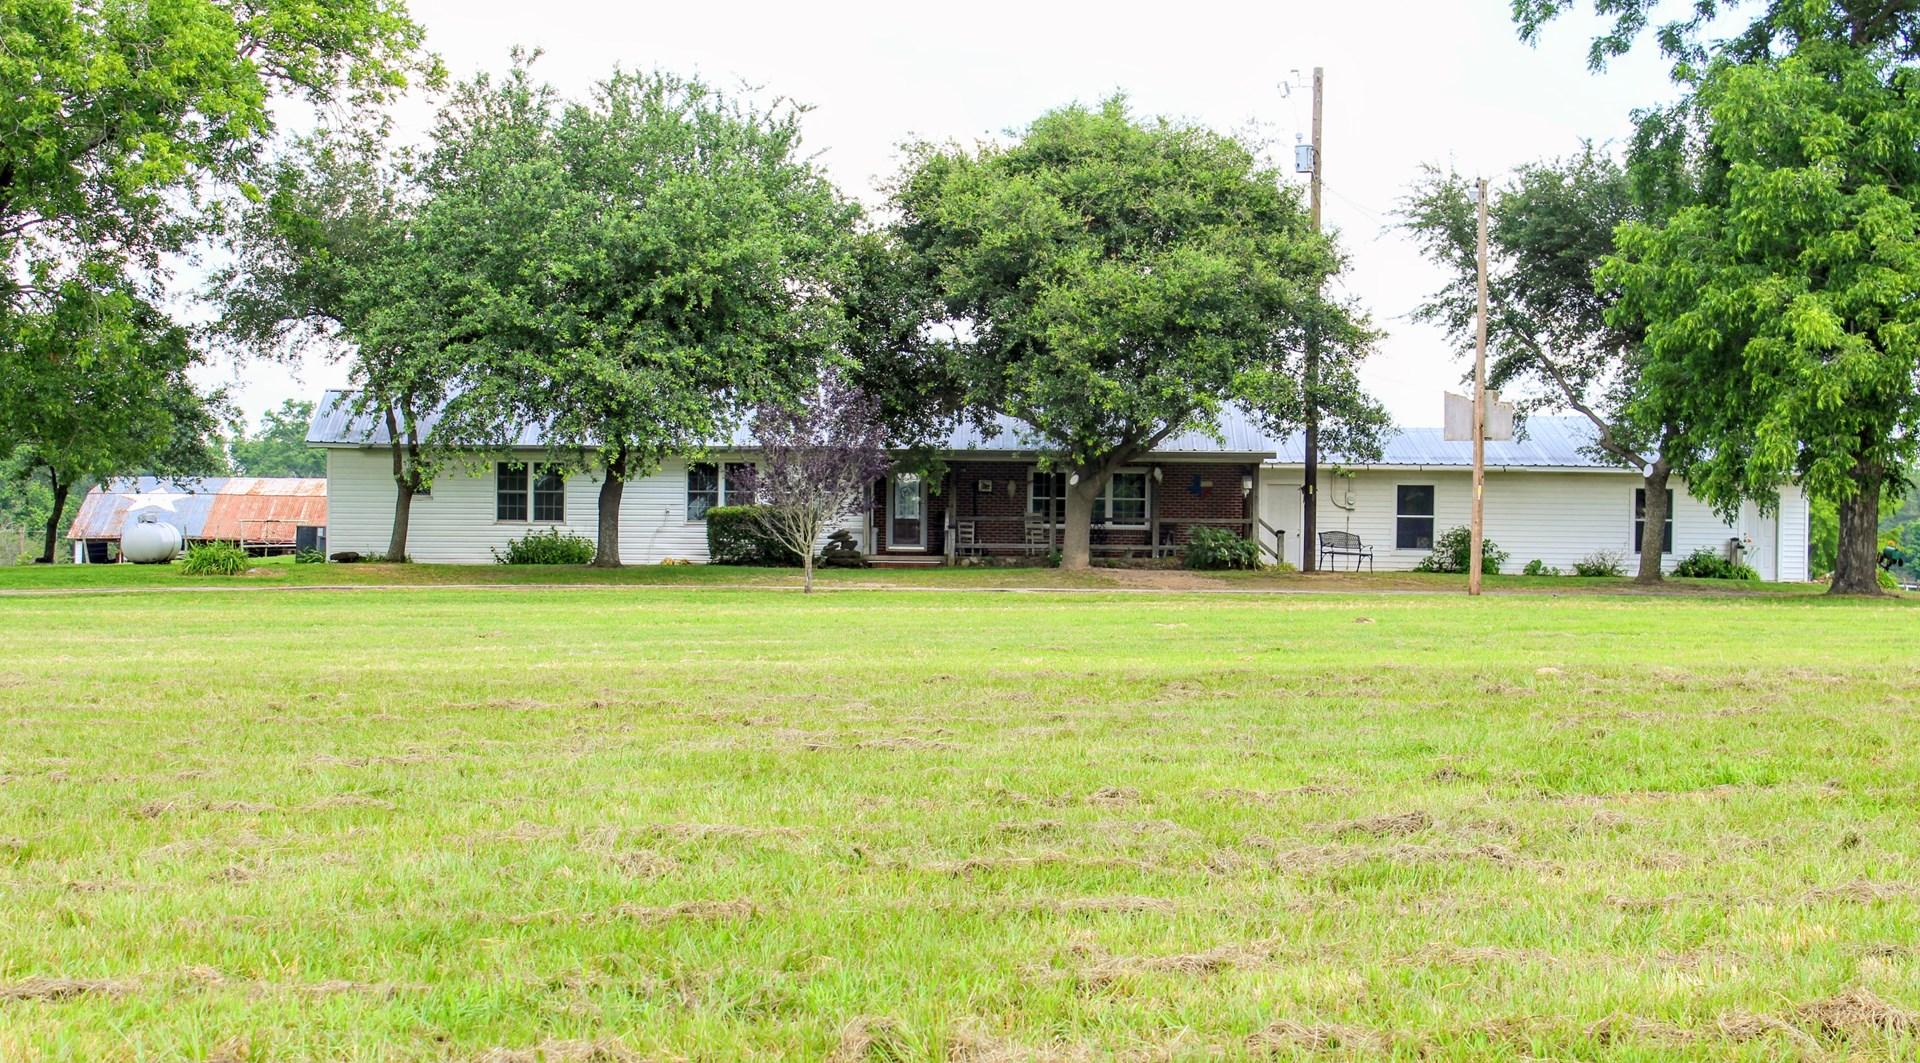 EAST TEXAS COUNTRY FARM HOUSE 3.2 ACRES WINNSBORO, TX